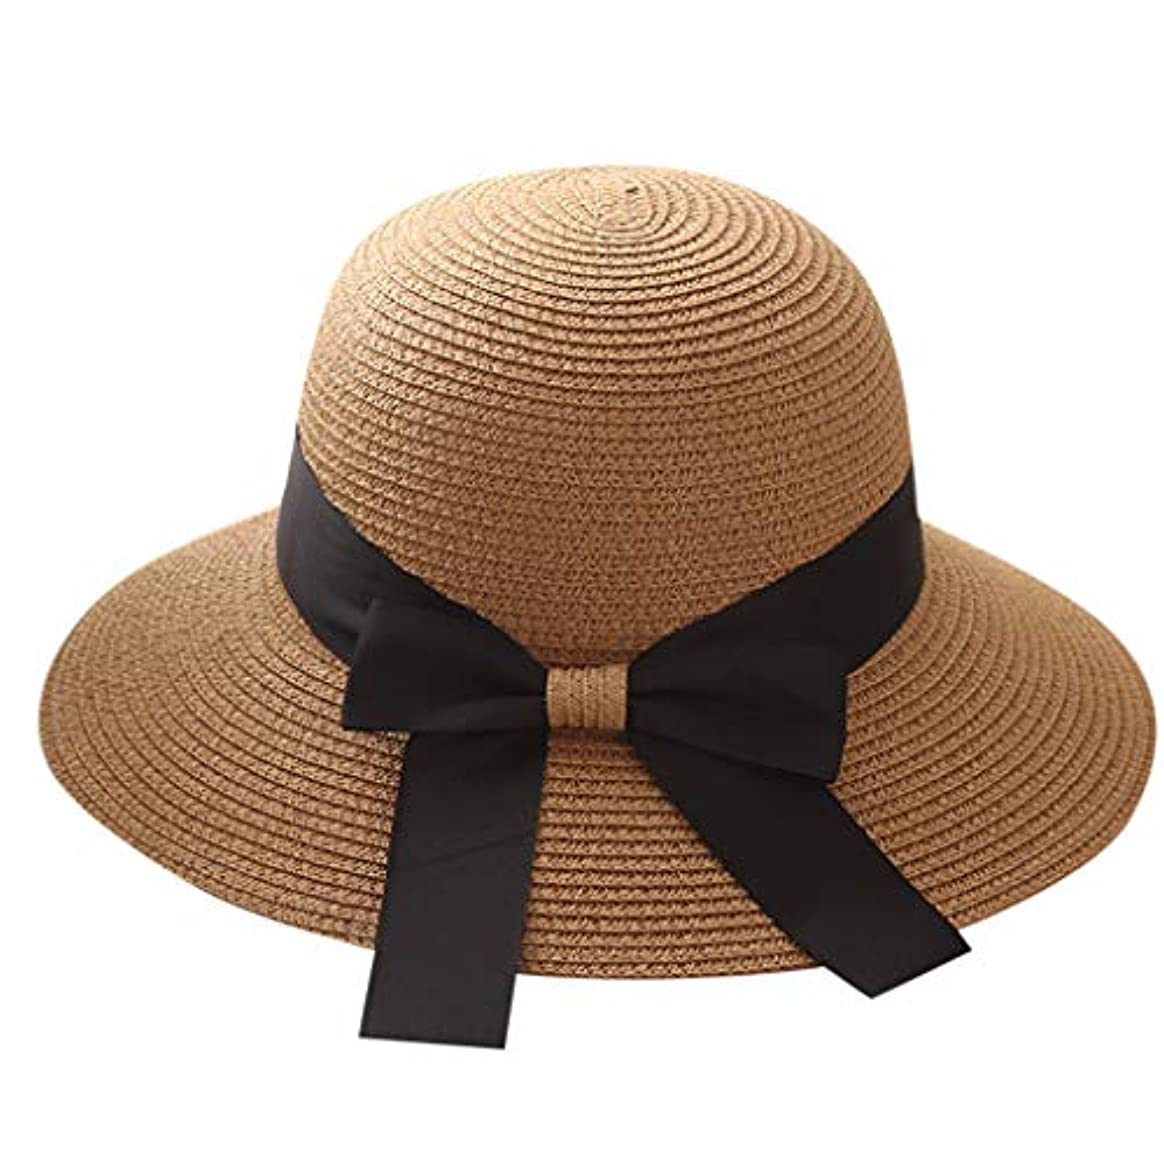 終了しましたハドルばか帽子 レディース UVカット 漁師帽 99%uvカット 日よけ 日焼け防止 熱中症予防 折りたたみ つば広 紫外線対策 麦わら帽子 uv帽 小顔効果 おしゃれ 可愛い 女優帽 高級感 軽量 通気 旅行用 大きいサイズ ROSE...